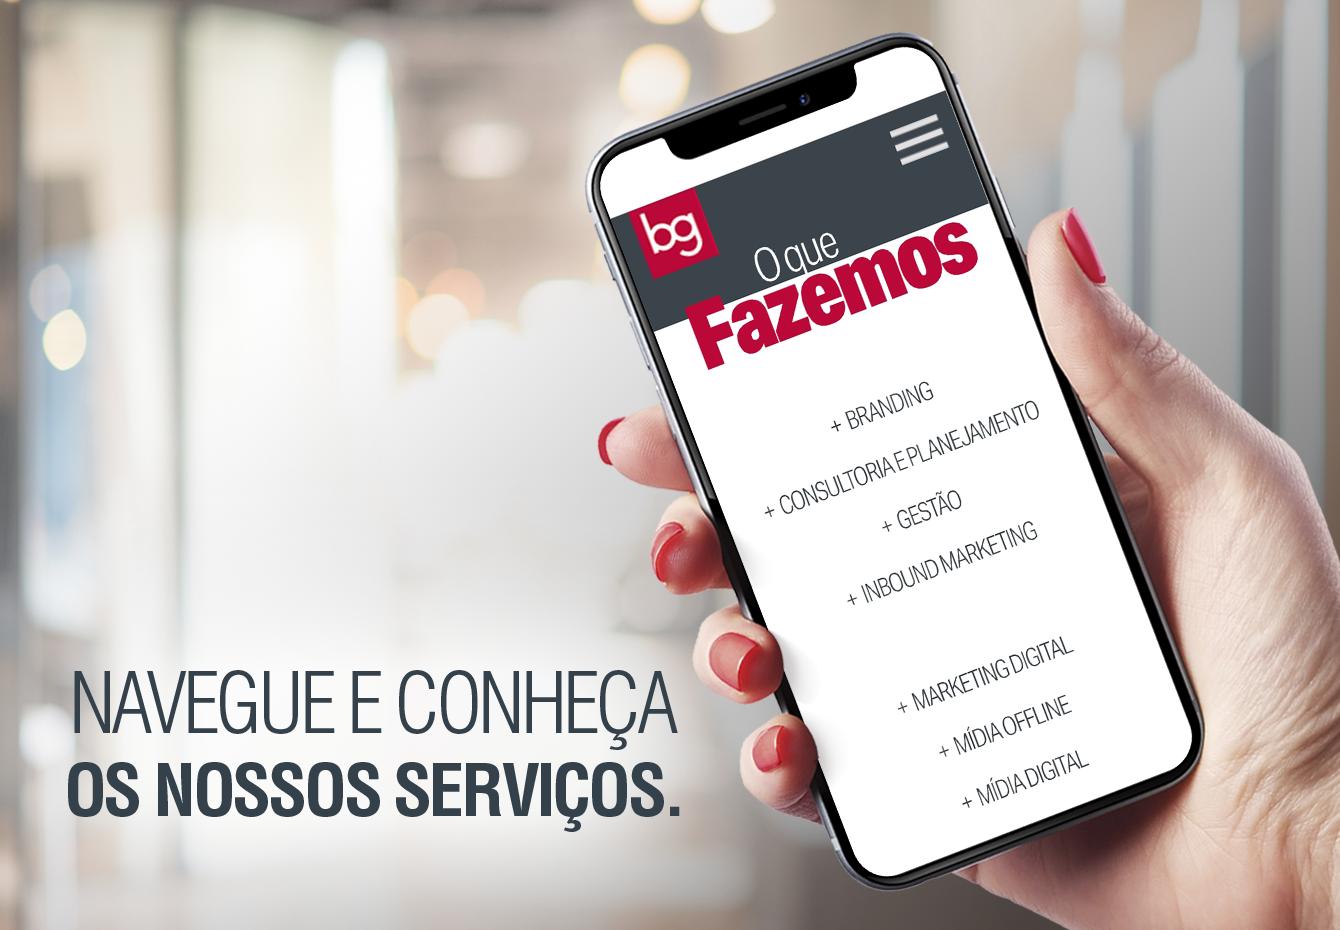 O que você encontra para o seu negócio no novo site da BG?